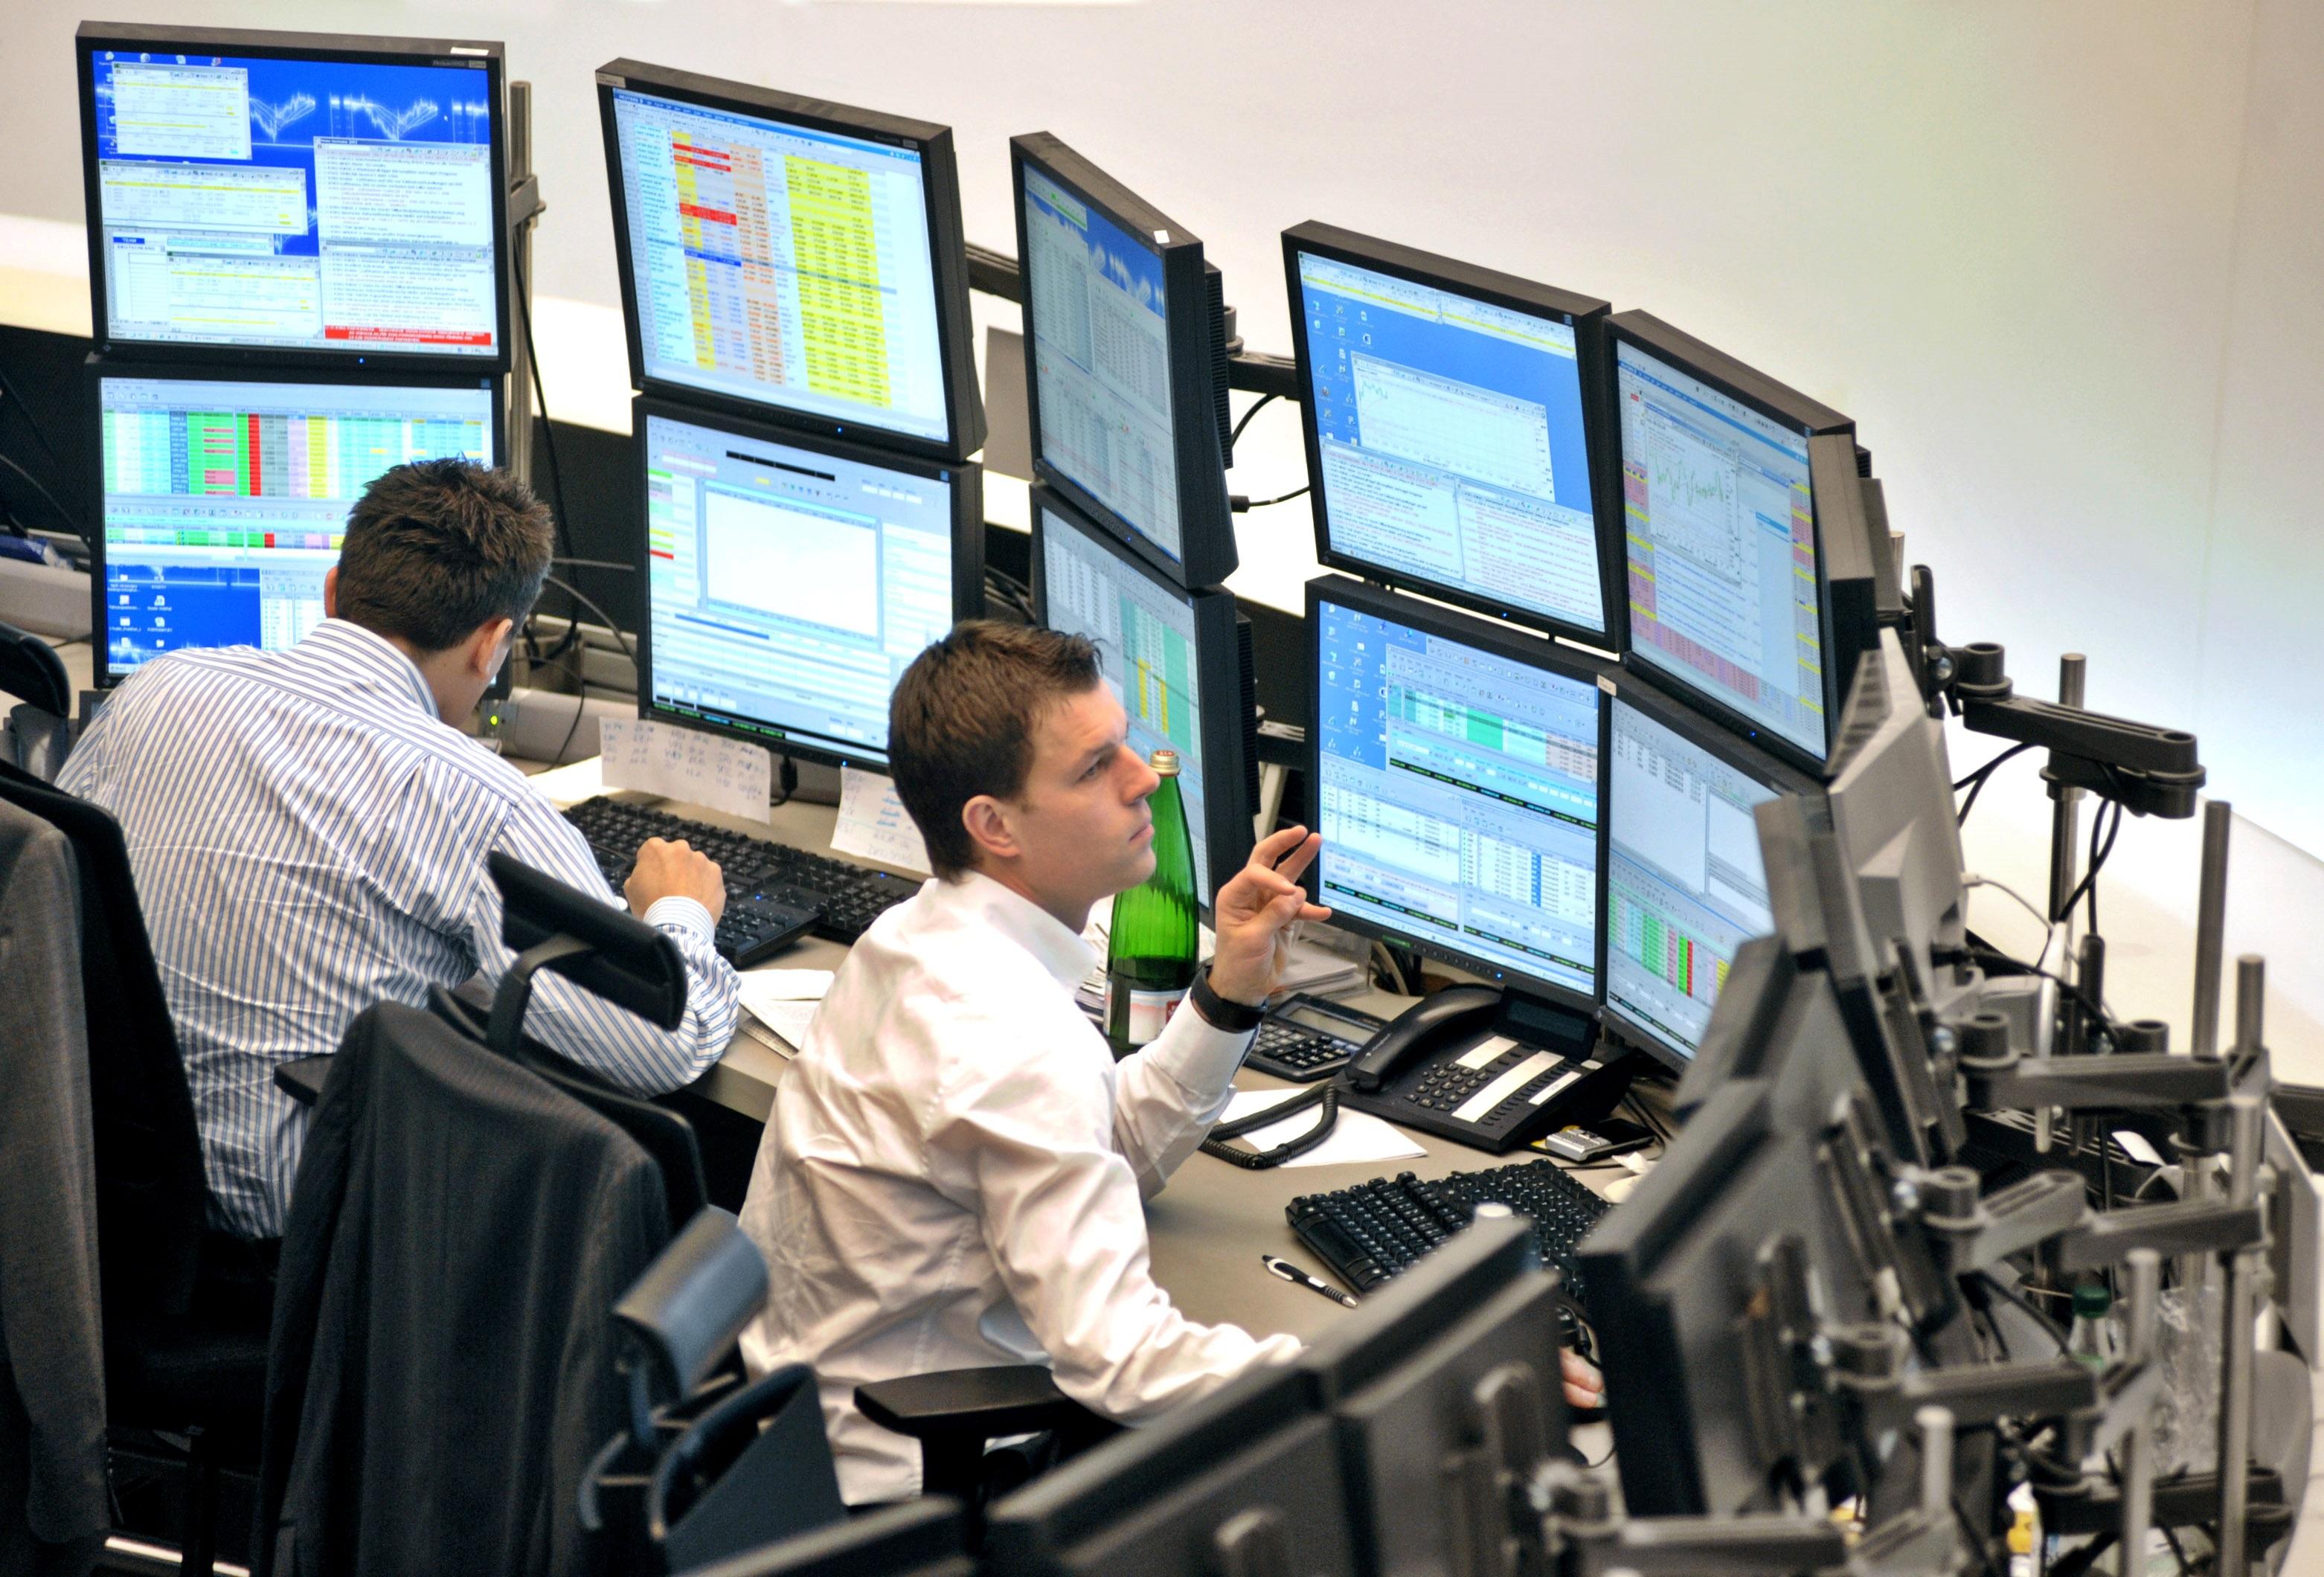 Crisi di governo affonda la Borsa, spread sfonda i 240 punti